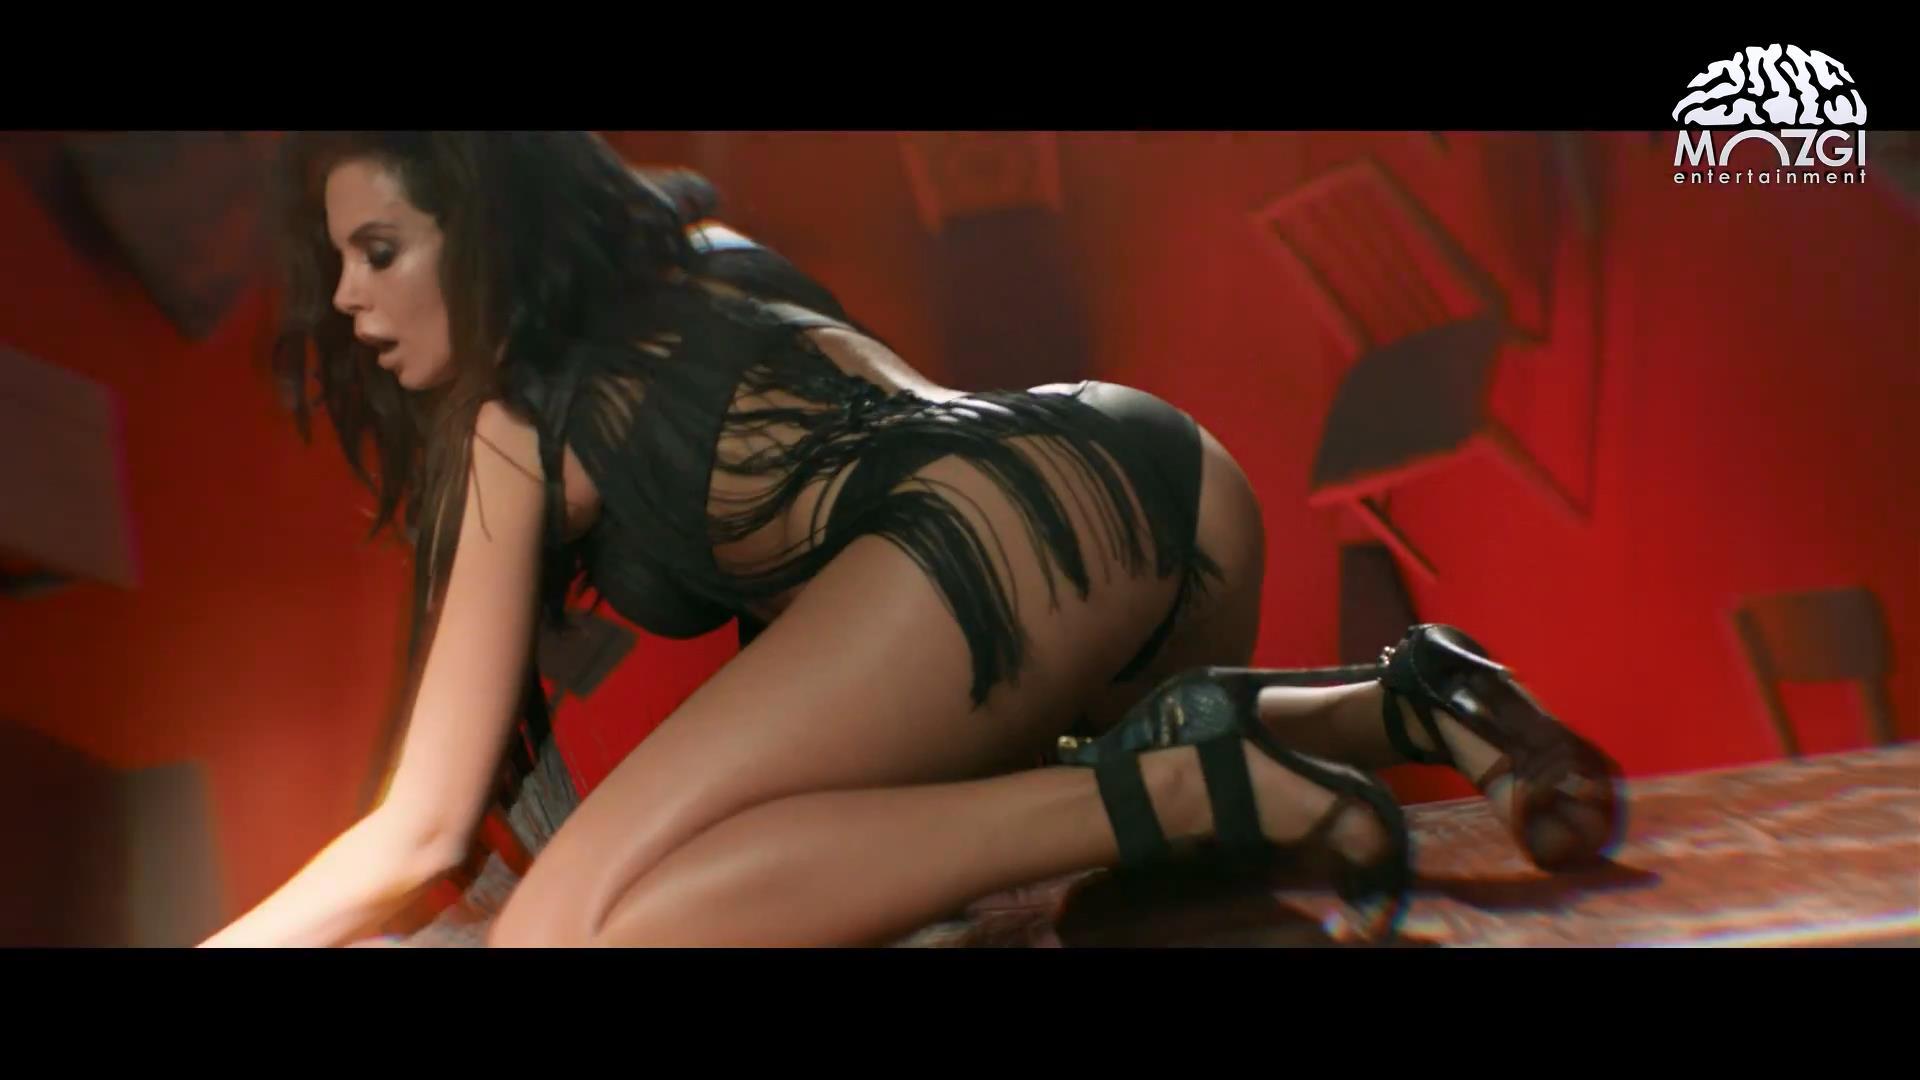 Трахает страпоном жестко смотреть онлайн, Порно Страпон - 83 видео. Смотреть порно онлайн! 9 фотография